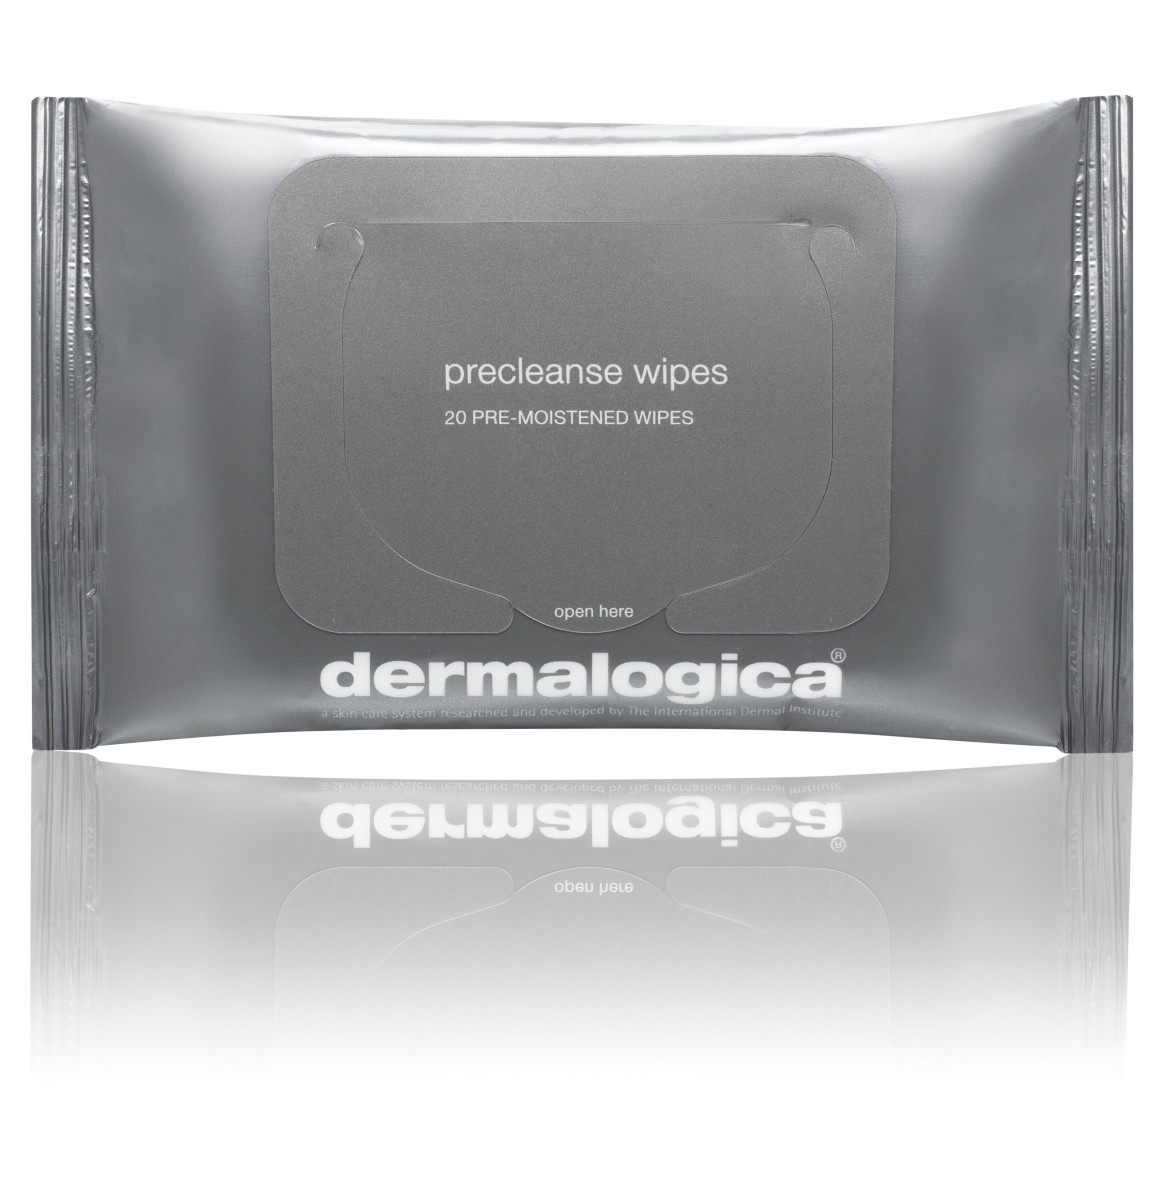 Dermalogica Precleanse Wipes